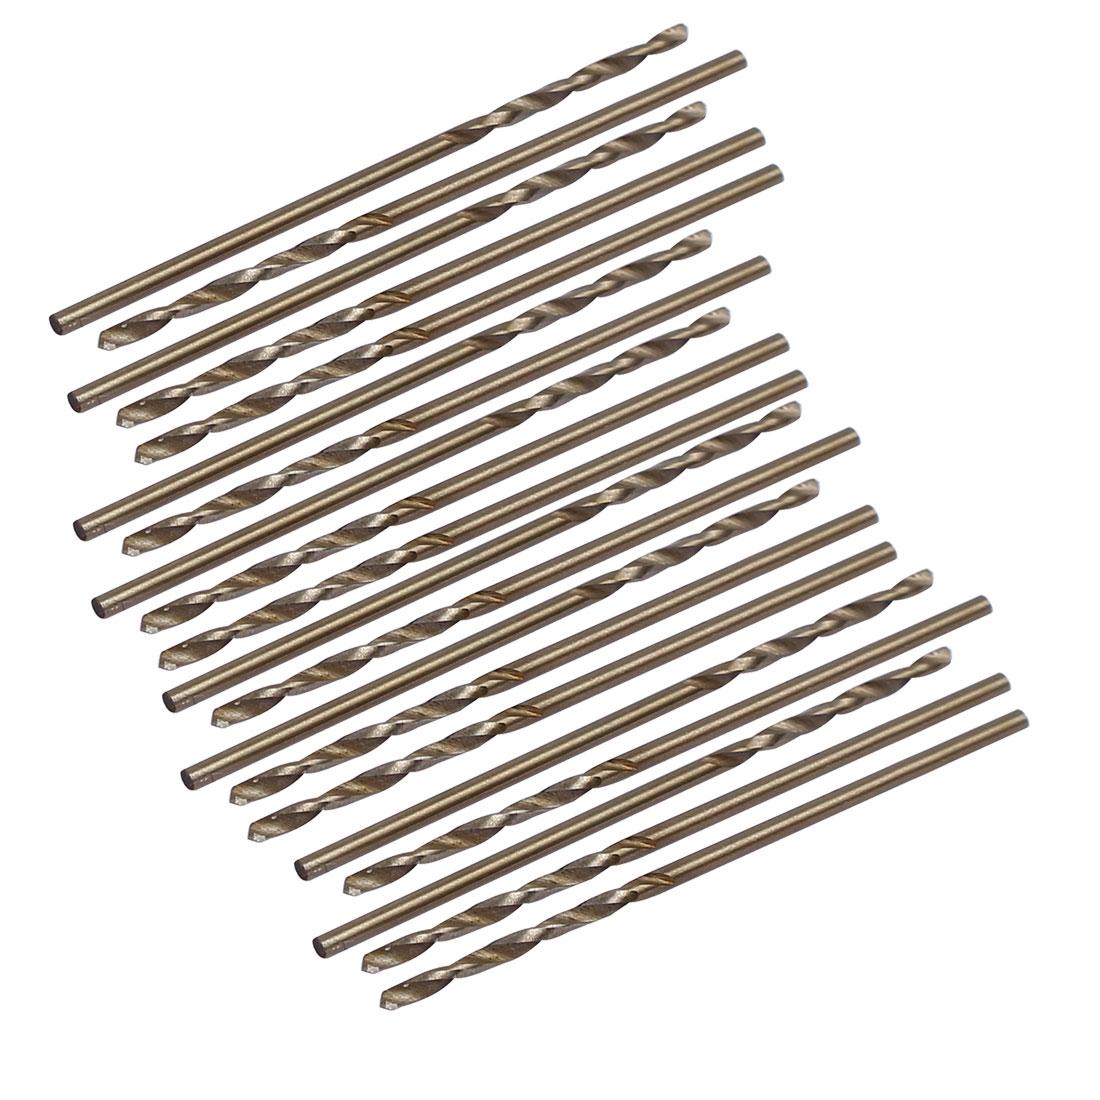 1.2mm Dia Split Point HSS Cobalt Metric Twist Drill Bit Drilling Tool 20pcs